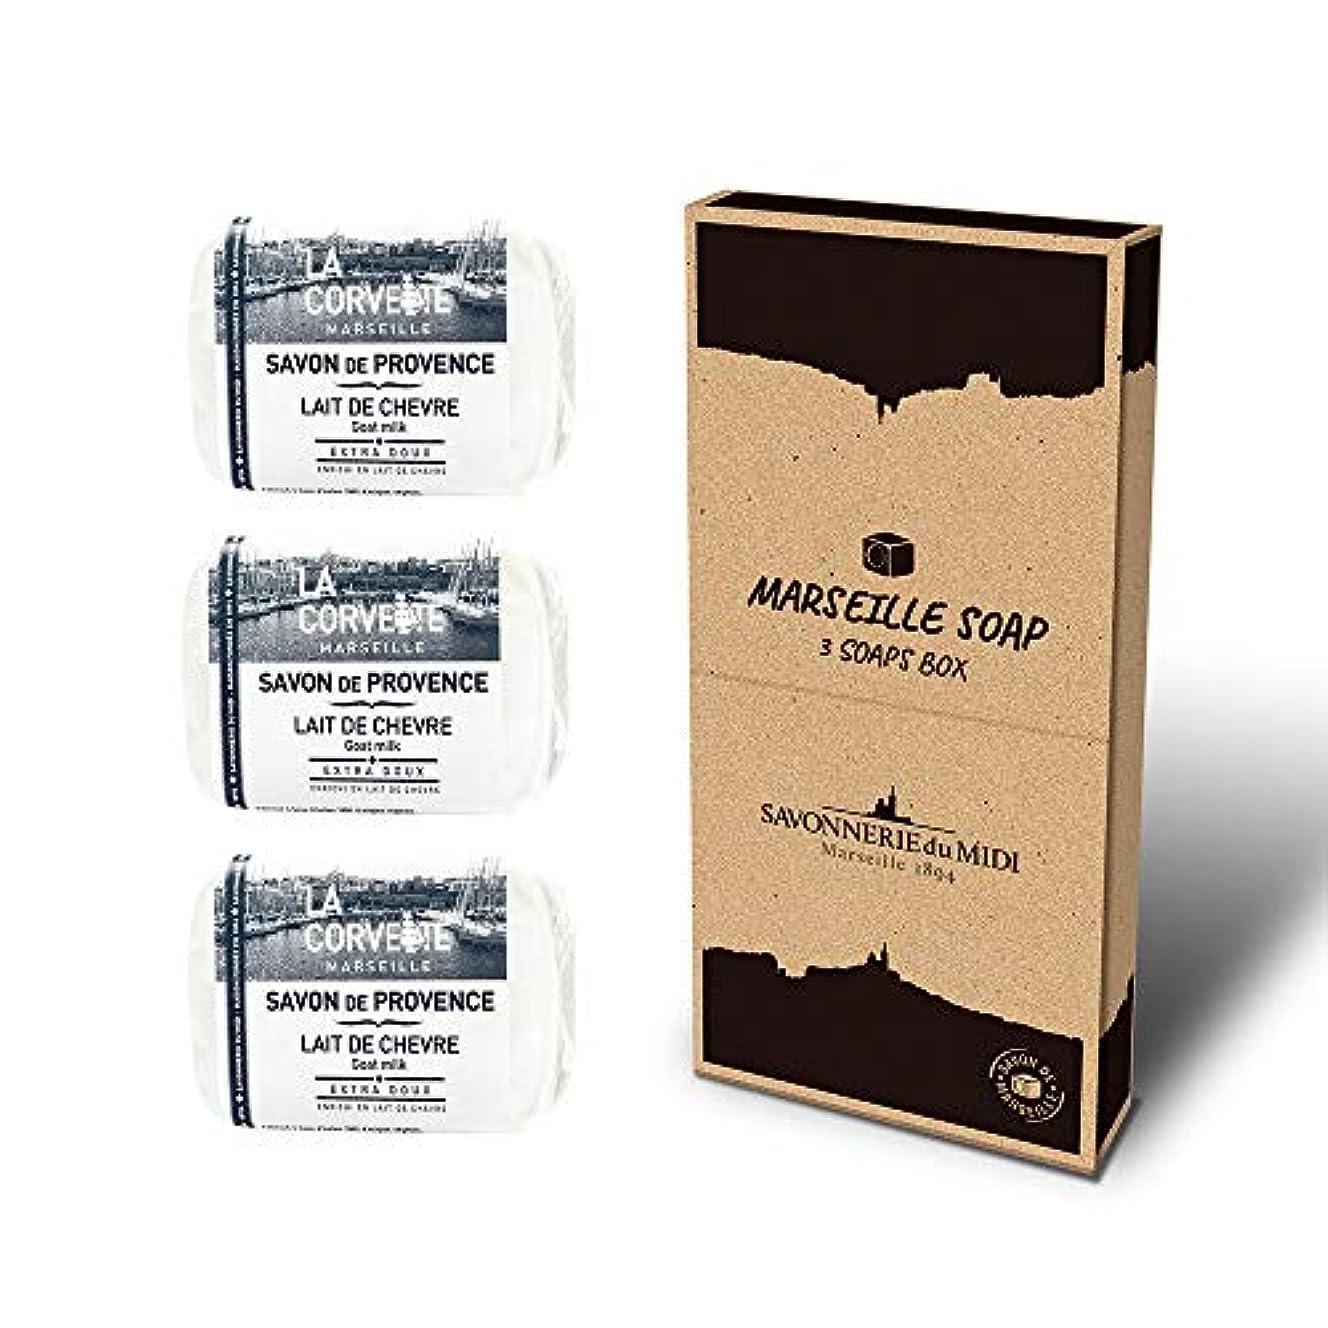 衝突する要件有限マルセイユソープ 3Soaps BOX ゴートミルク